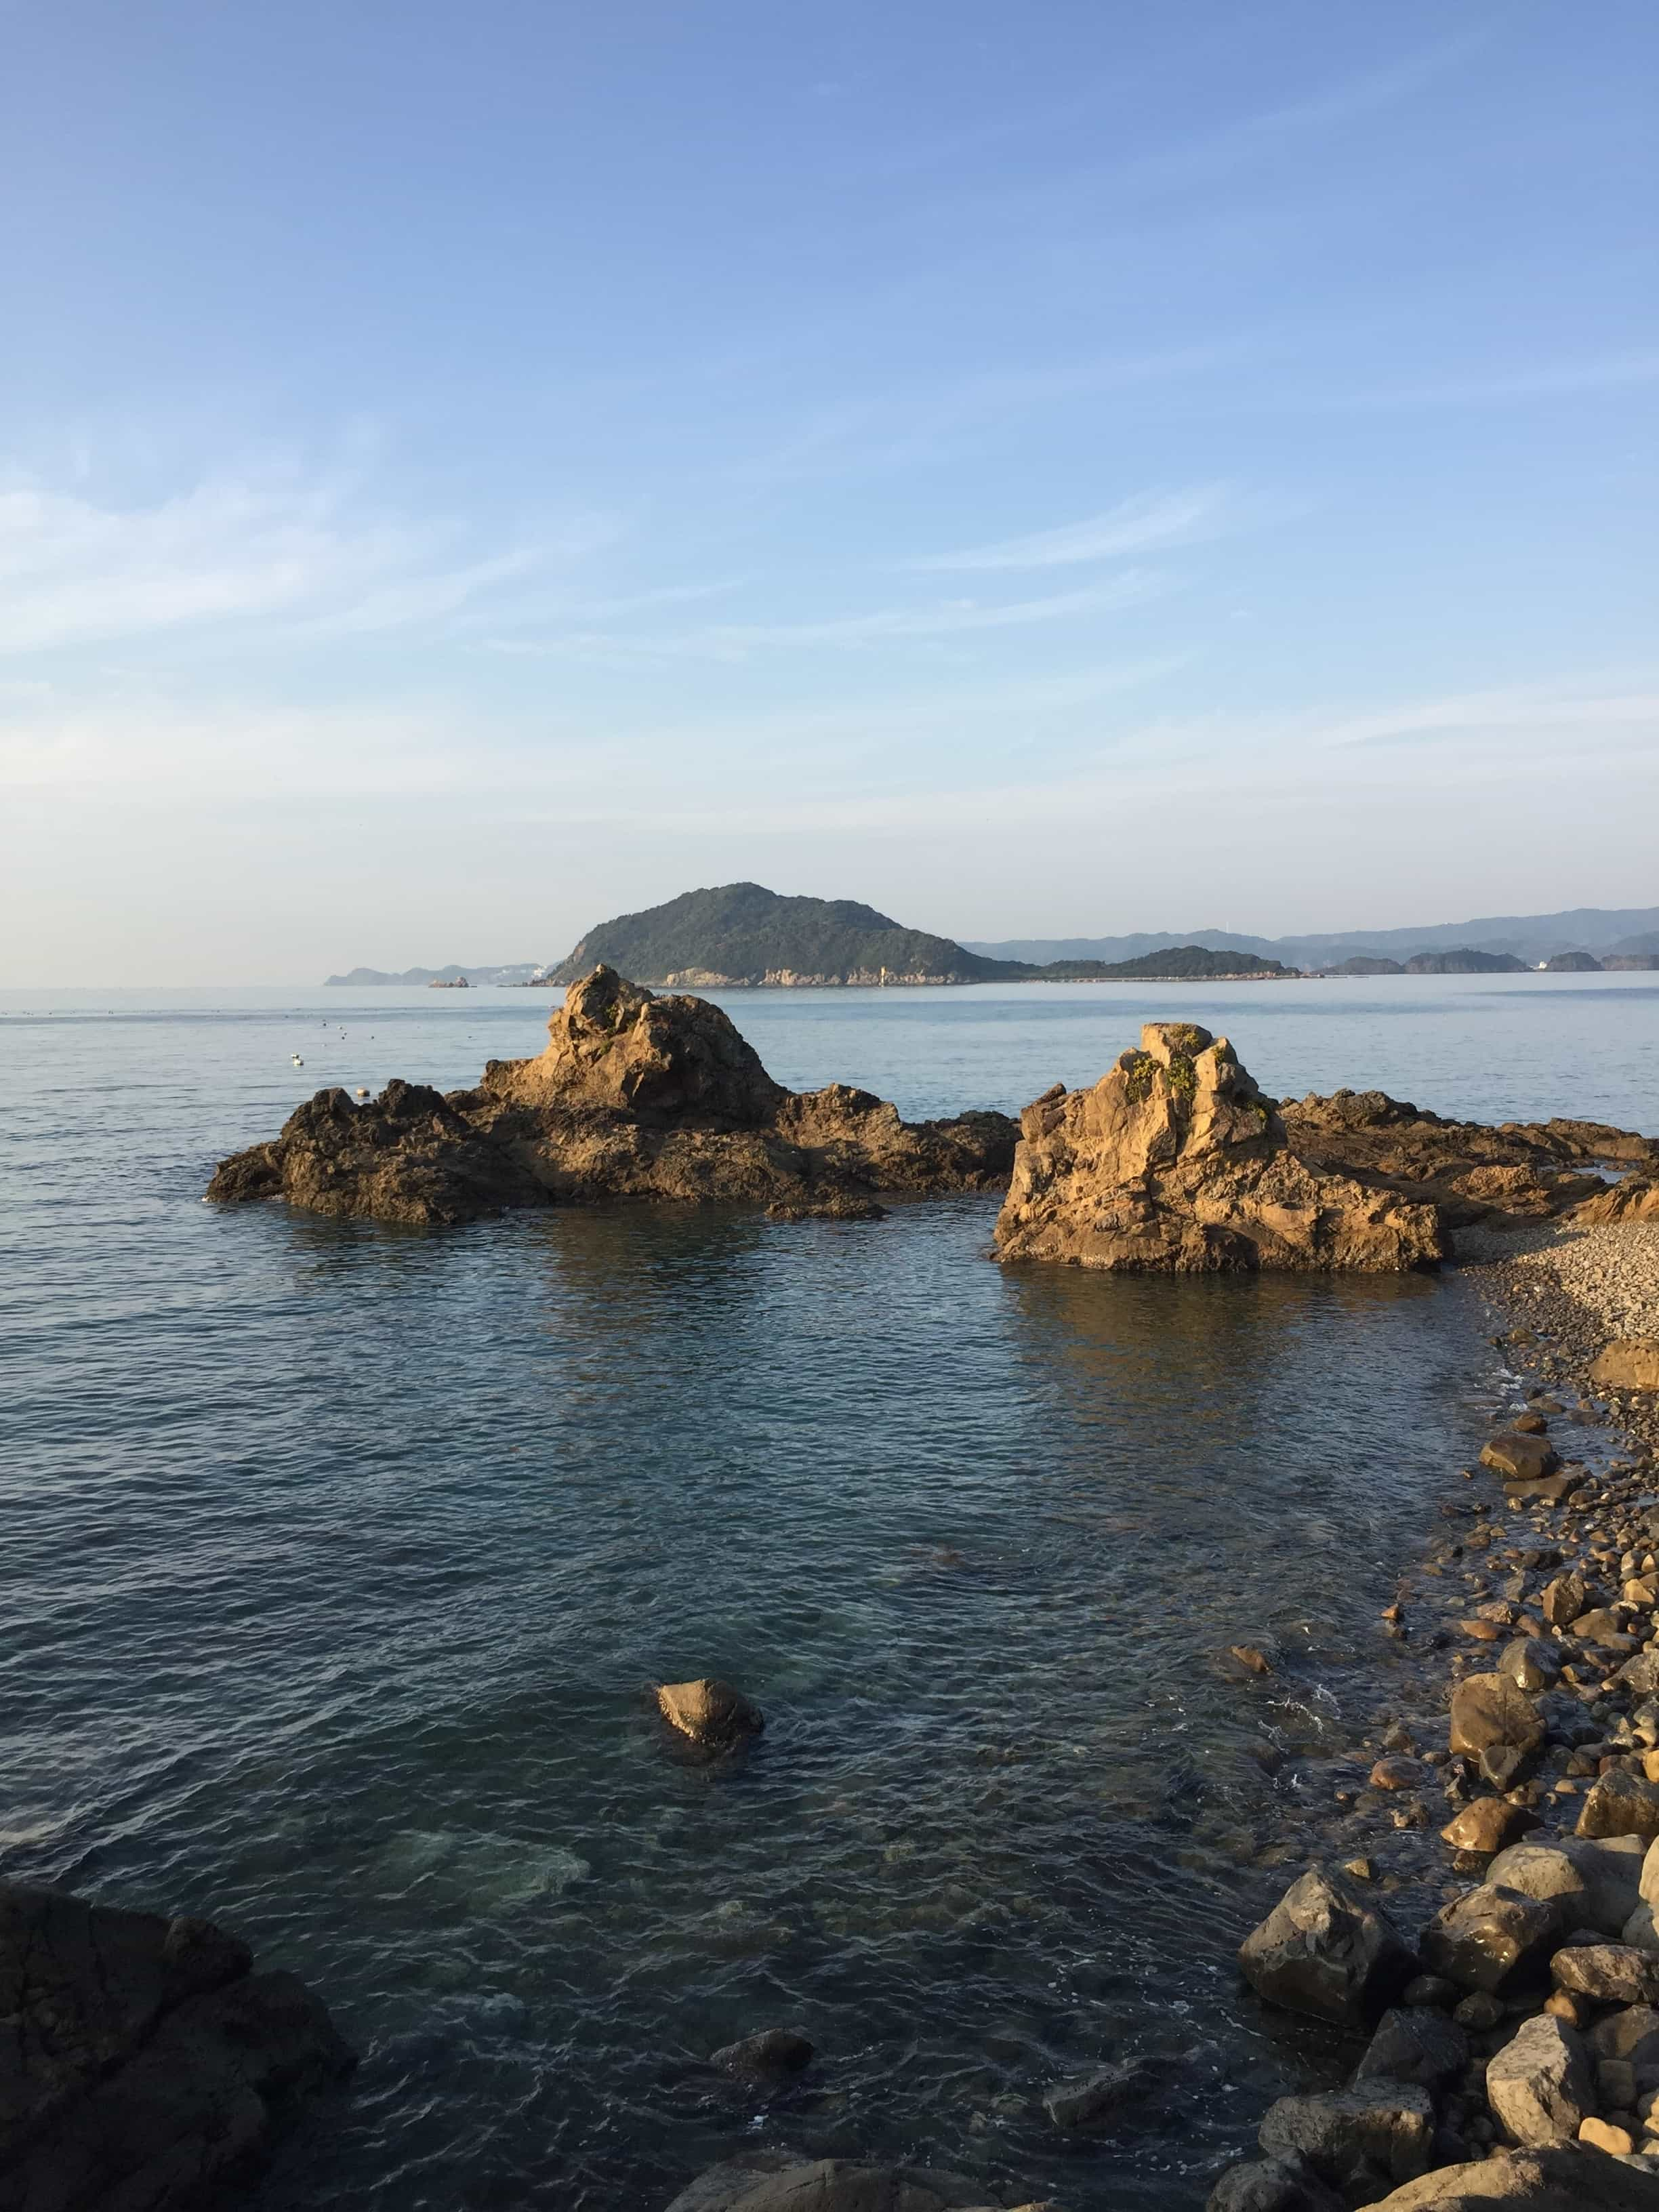 三尾川地磯の釣り場紹介、和歌山県中紀の釣り人が少ないドン深のエギングにオススメな隠れ地磯